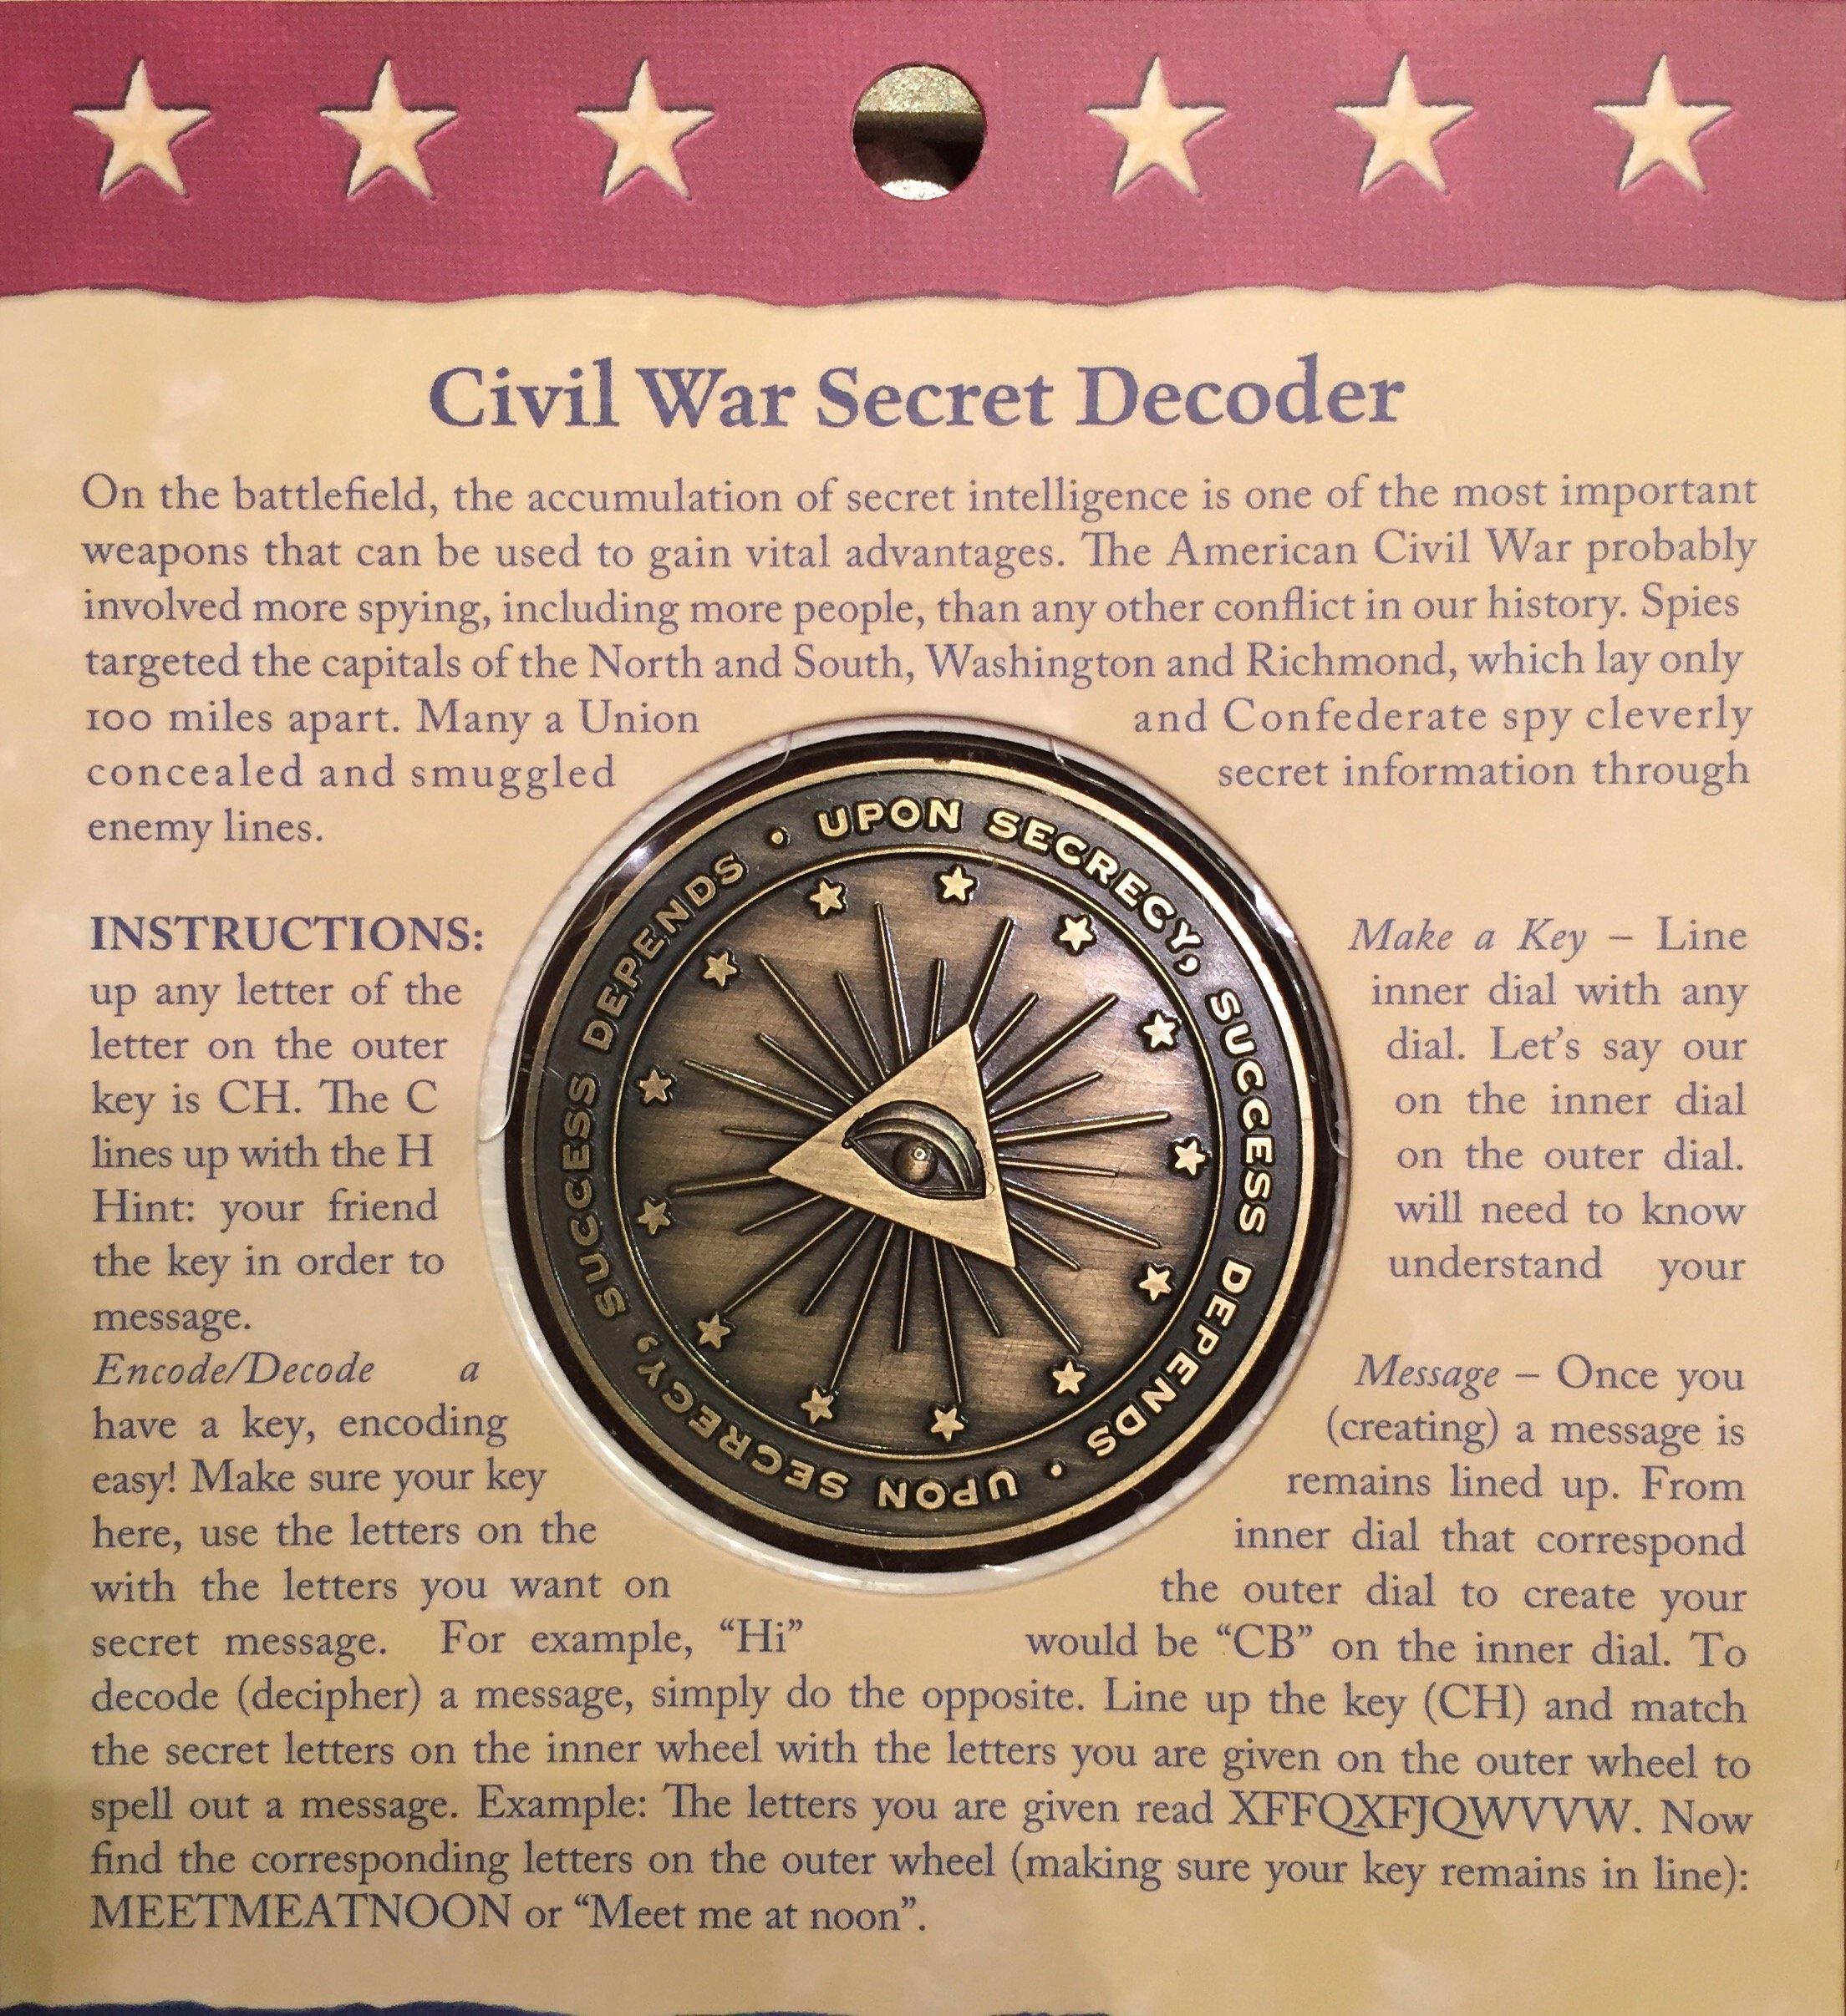 Civil War Spy Secret Decoder Decipher Wheel by Design Master